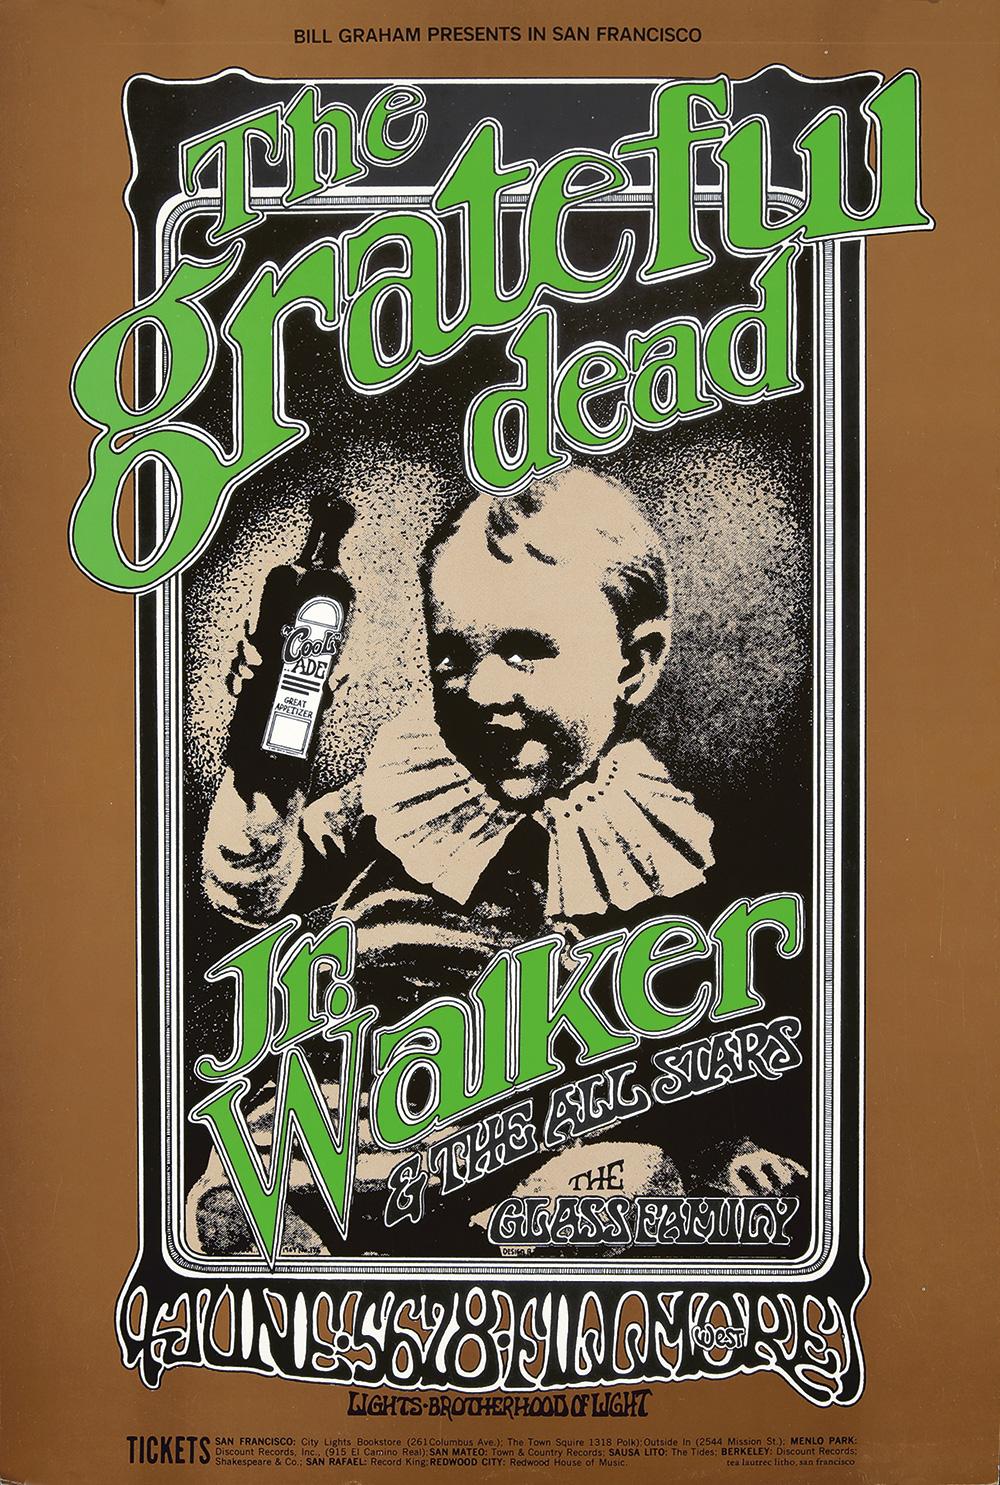 142. Grateful Dead / Jr. Walker. 1969.